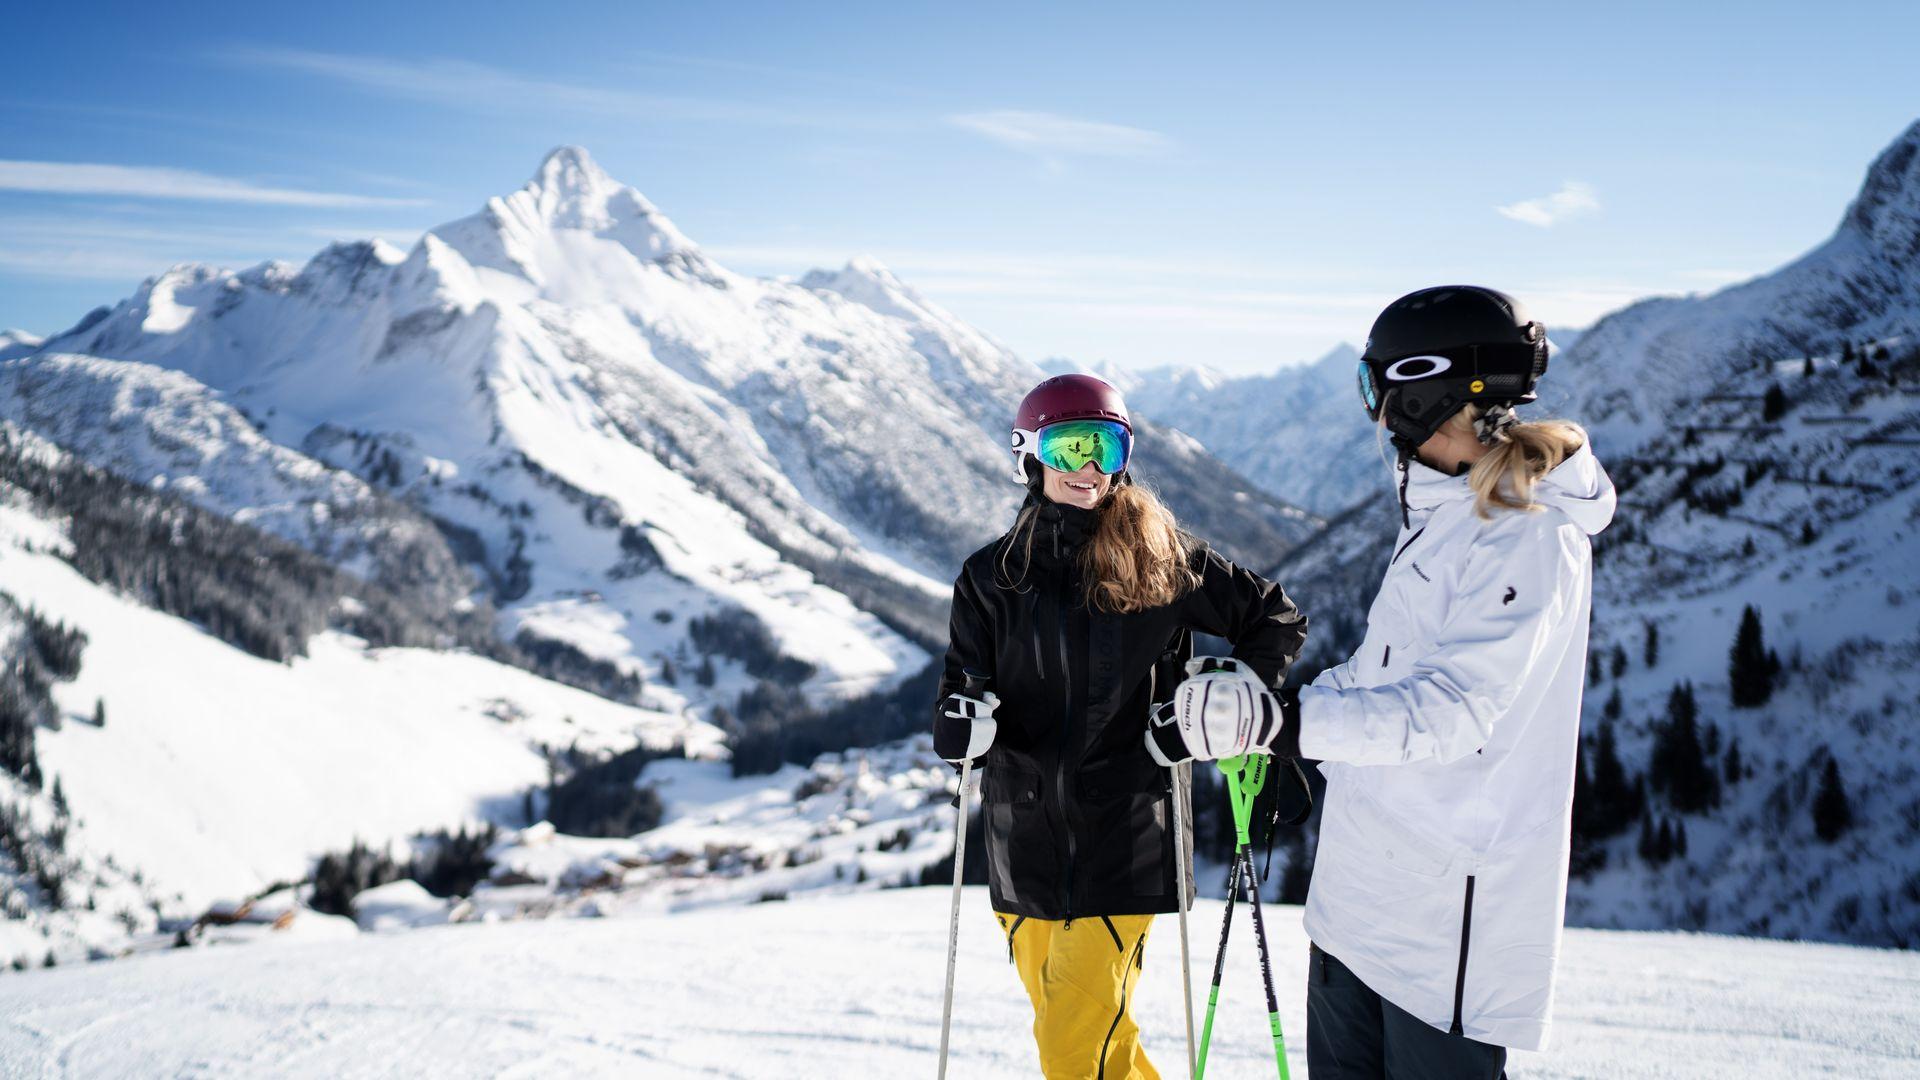 Ready for Snow 2022 - 7 Nächte Hauptsaison (1/4)